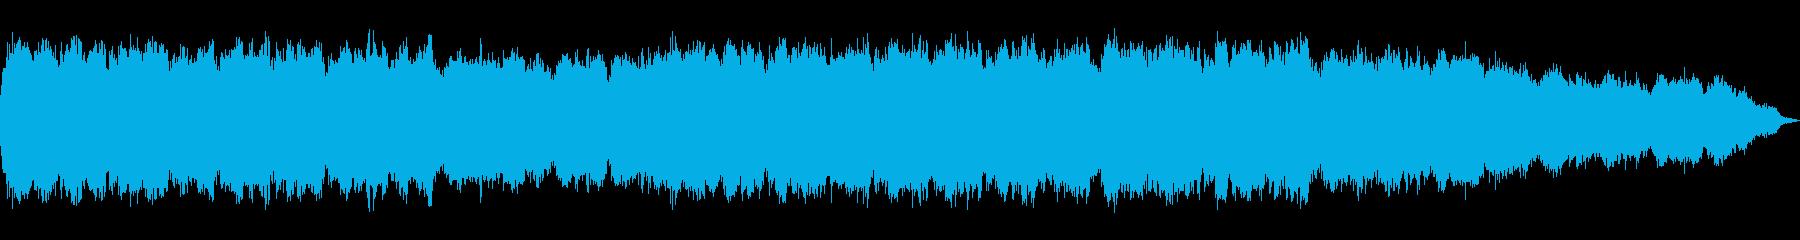 幻想的な笛の瞑想ヒーリング音楽の再生済みの波形